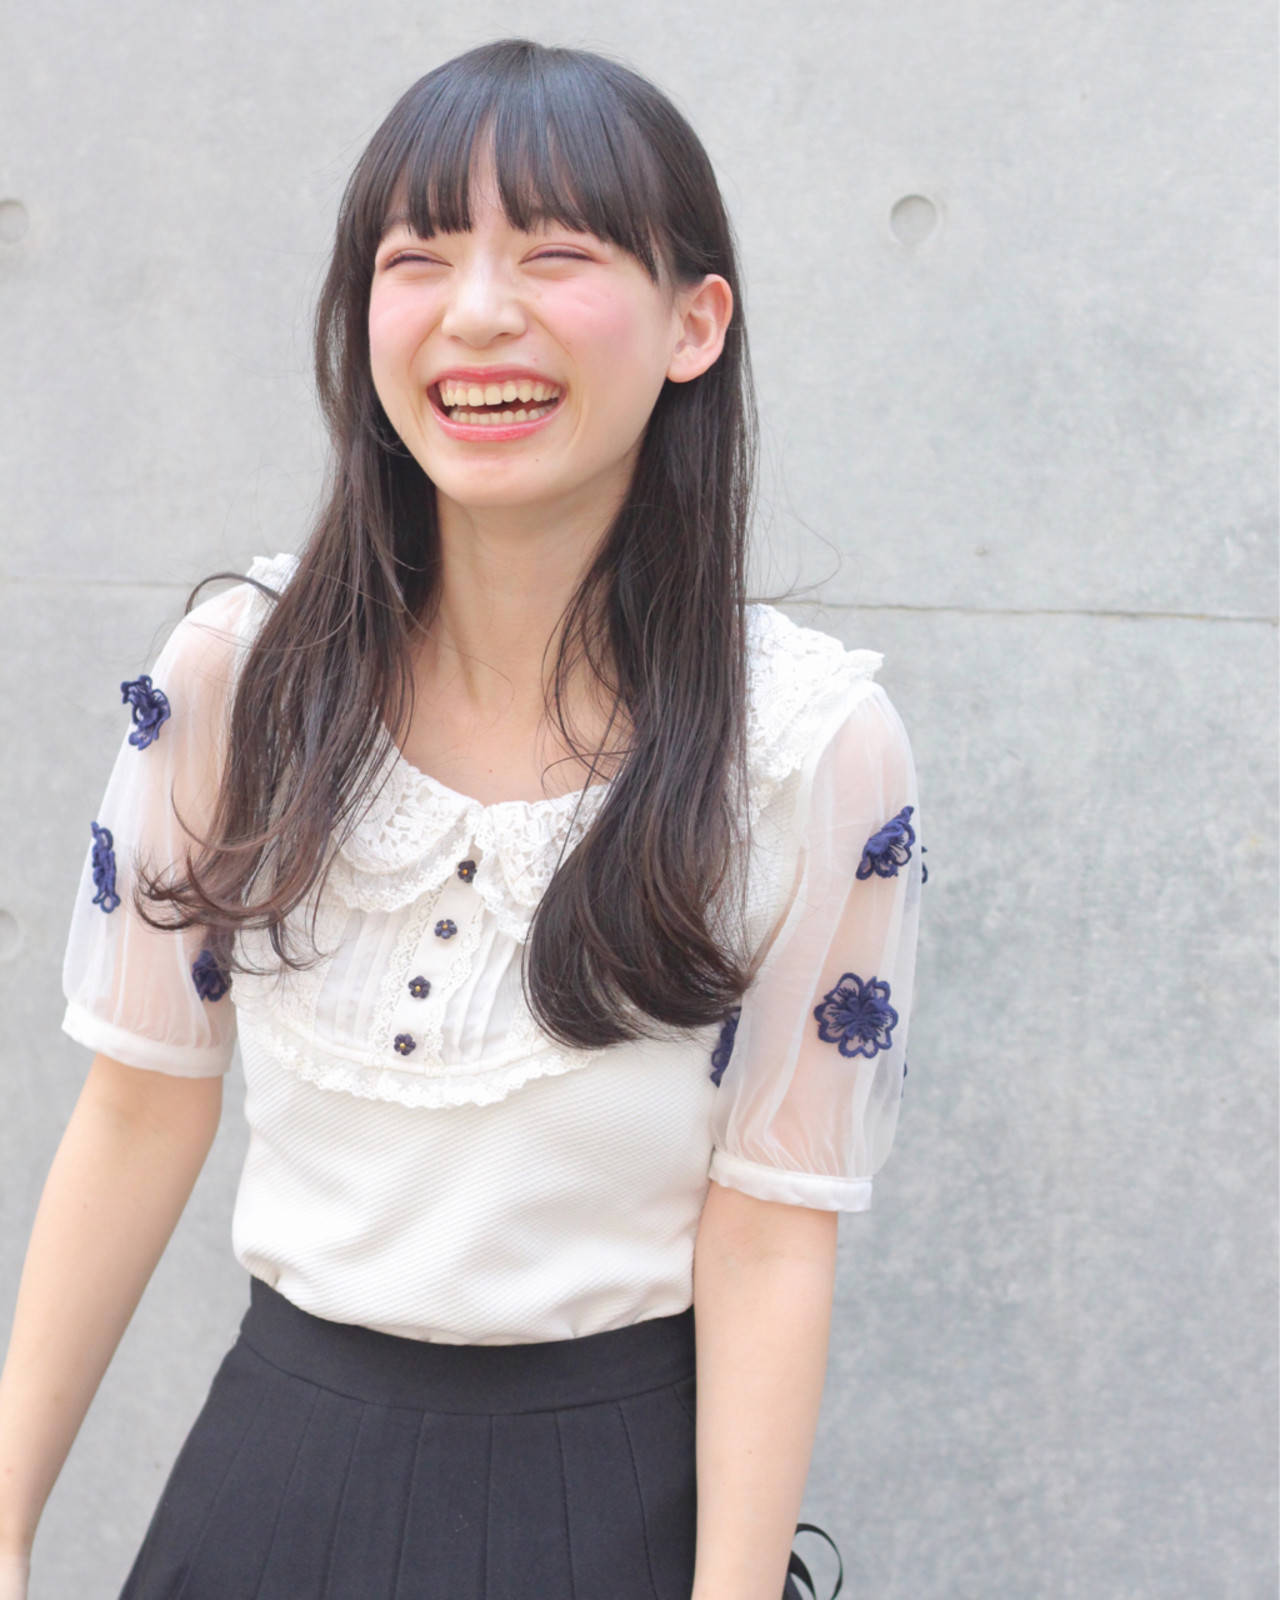 眉毛が隠れたぱっつん前髪で女性らしさUP♡ Wataru Maeda | cache cache